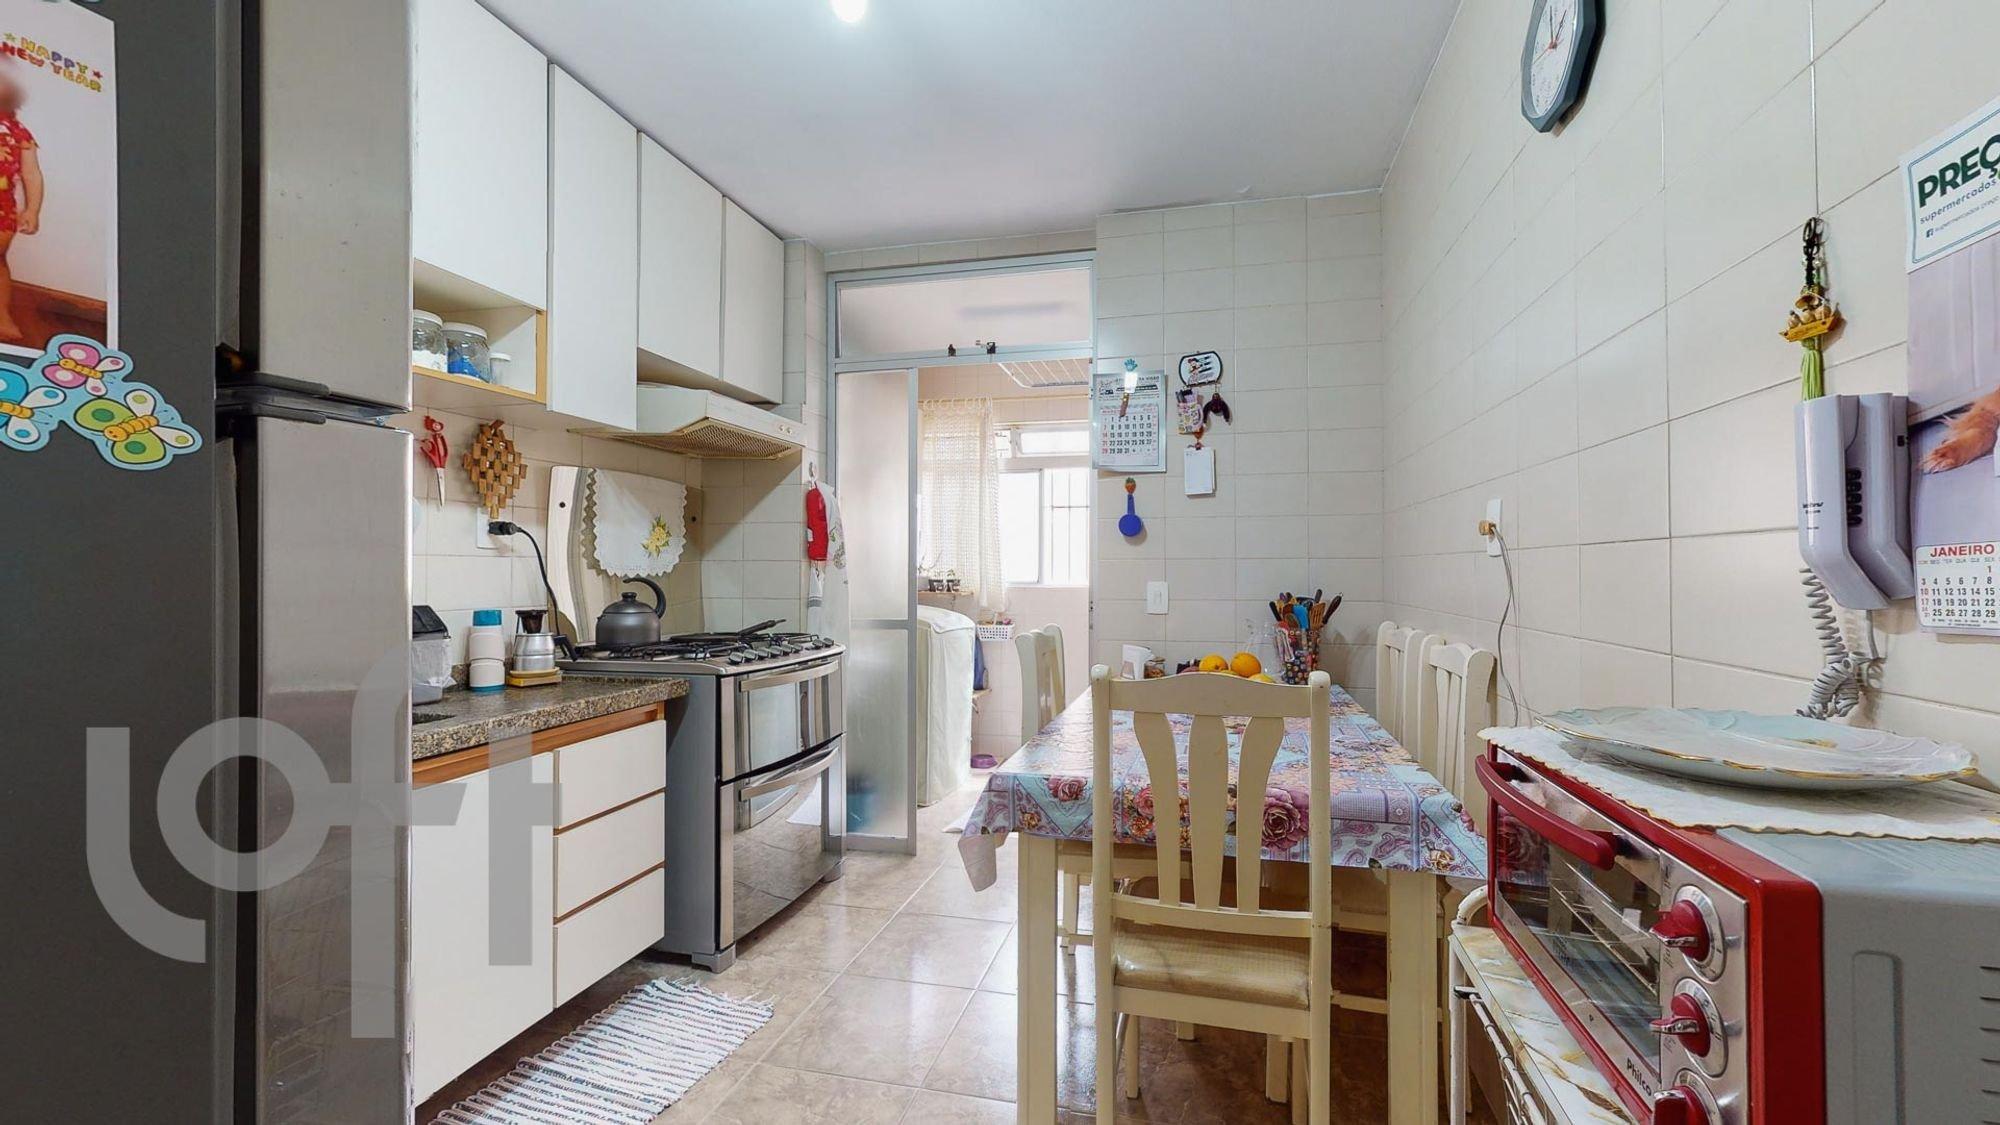 Foto de Cozinha com cama, forno